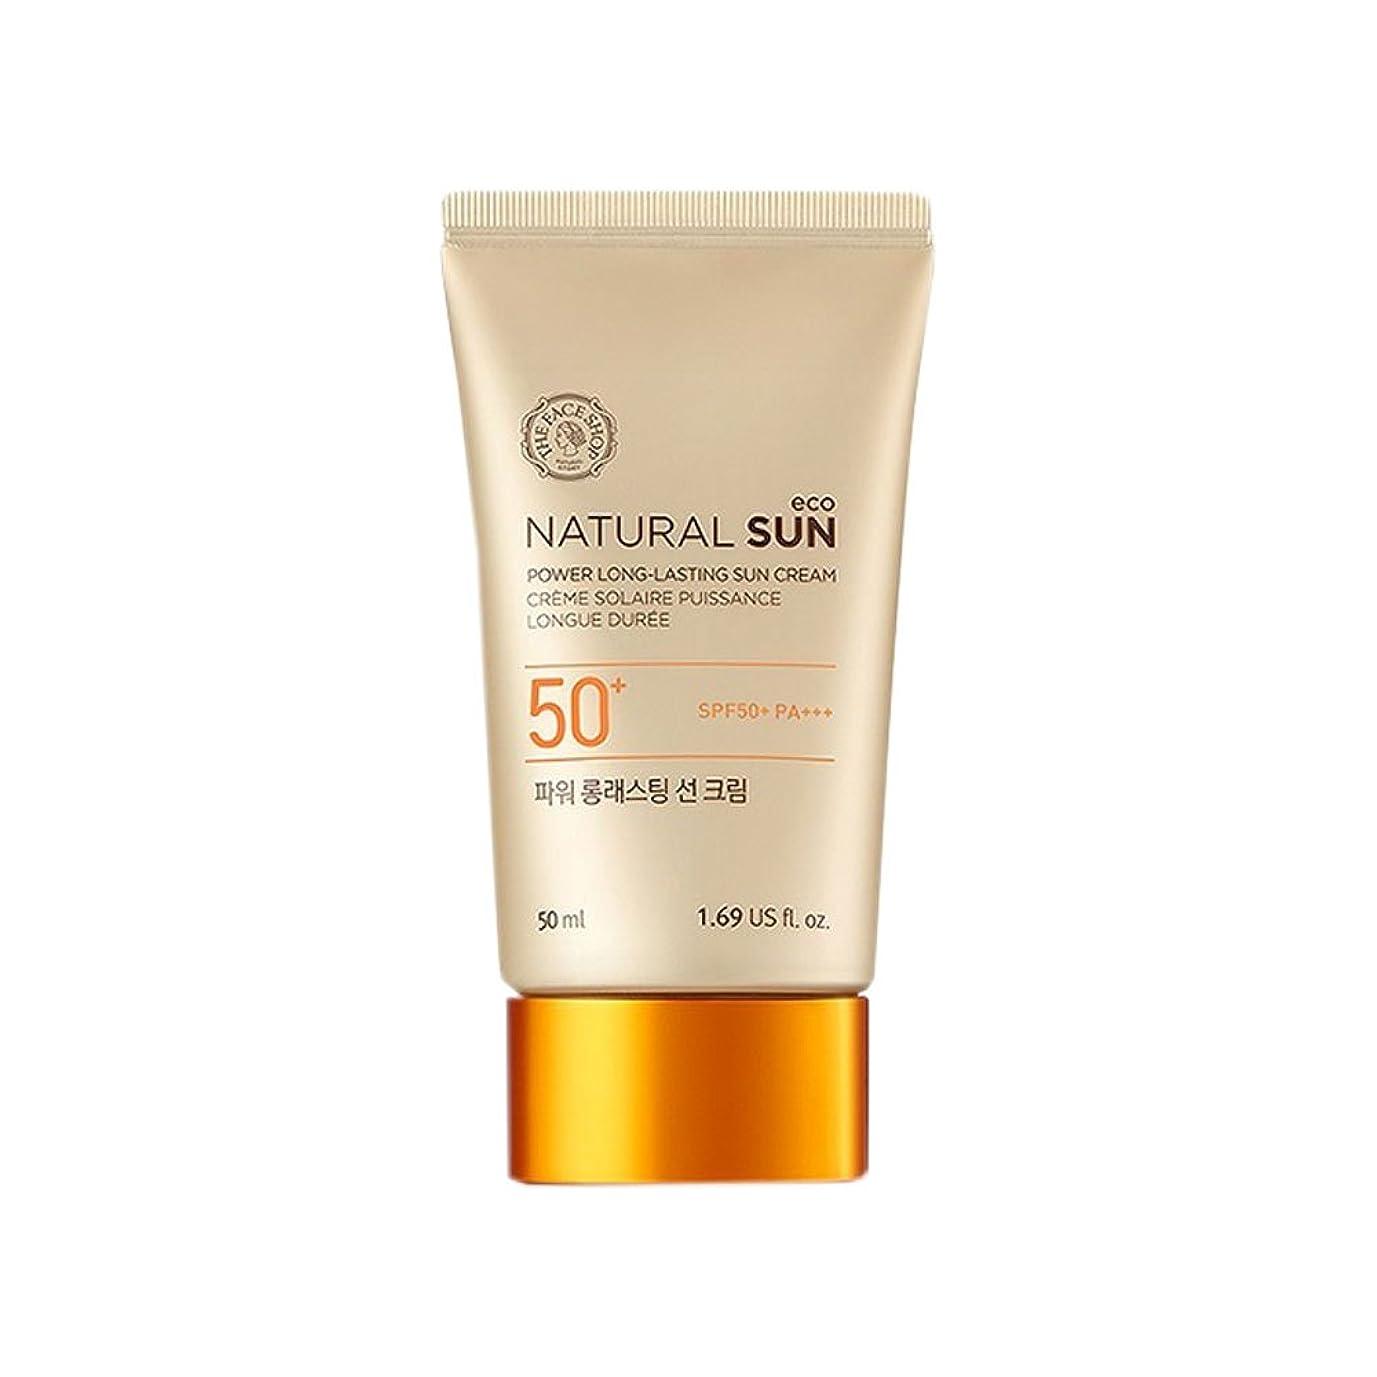 鰐雪含む[ザ?フェイスショップ] The Face Shop ナチュラルサン エコ パワー ロングラスティング サン クリーム SPF50+PA+++50ml The Face Shop Natural Sun Eco Power Long-Lasting Sun SPF50+PA+++50ml [海外直送品]